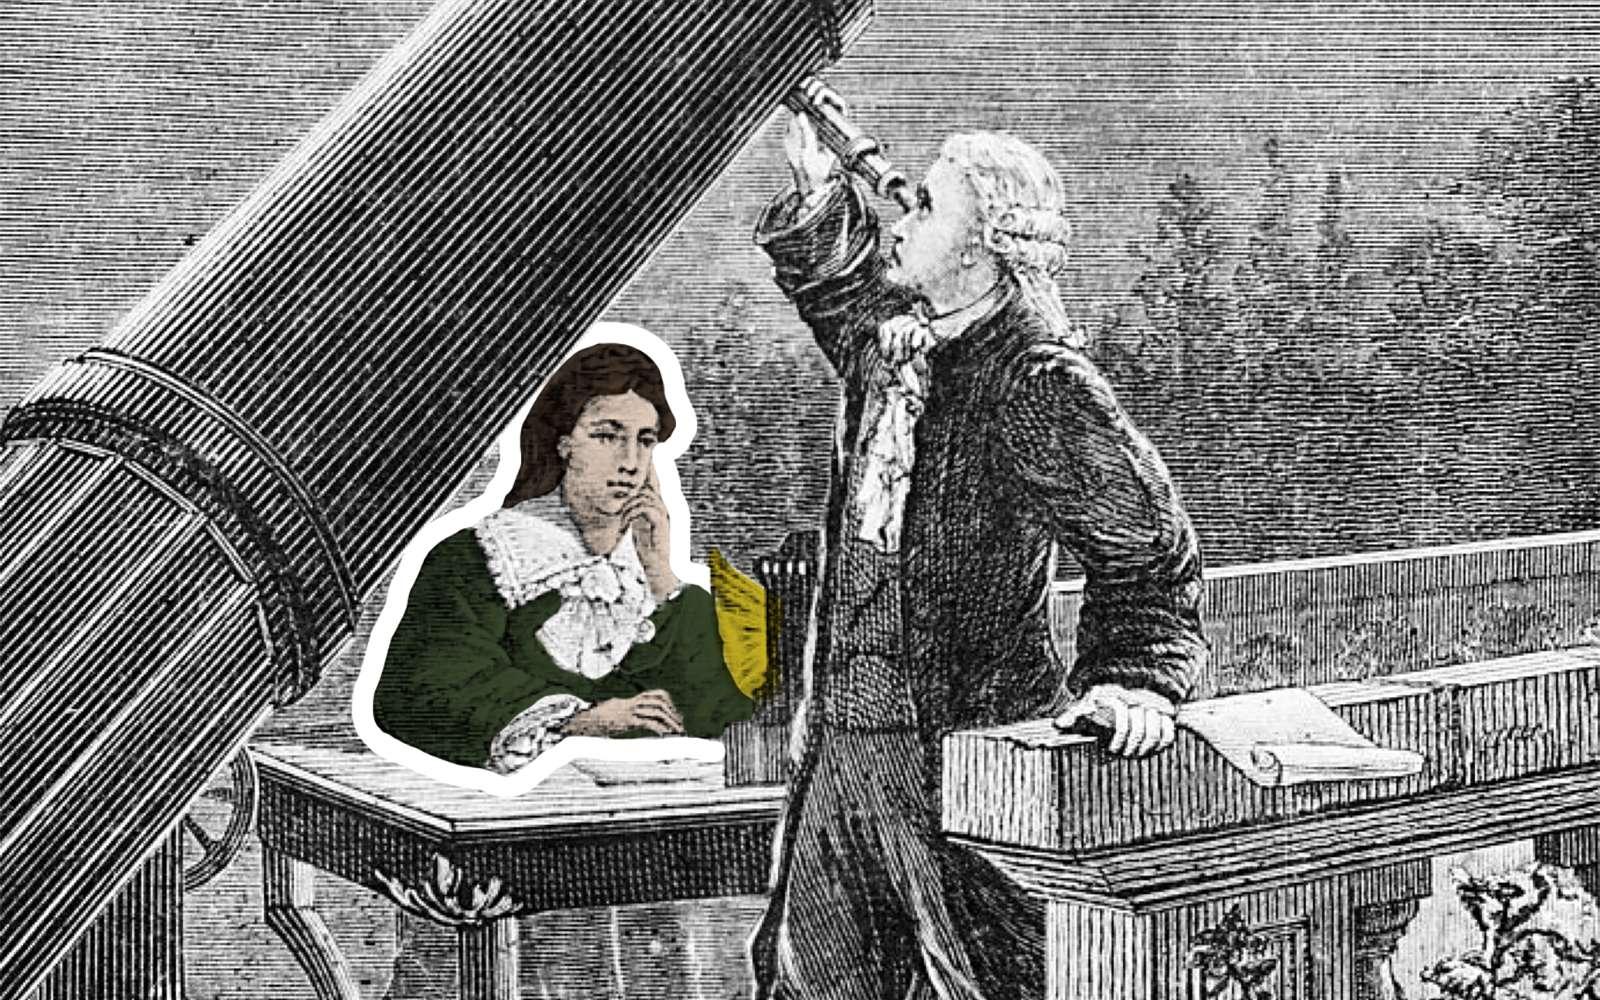 Podcast : Caroline Herschel, la géante méconnue de l'astronomie - Futura-Sciences